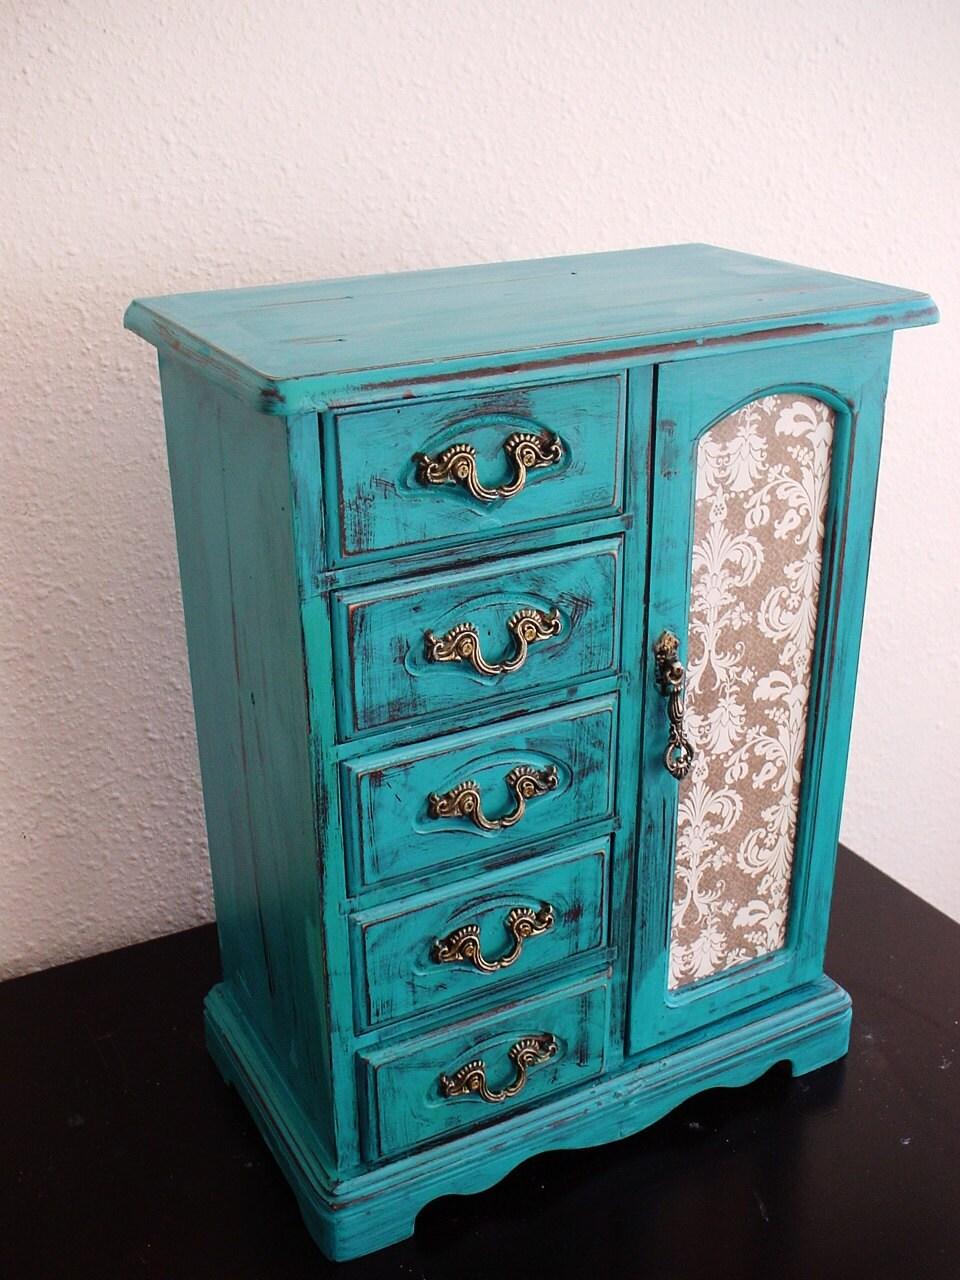 Beautiful lake blue hand painted wooden jewelry box